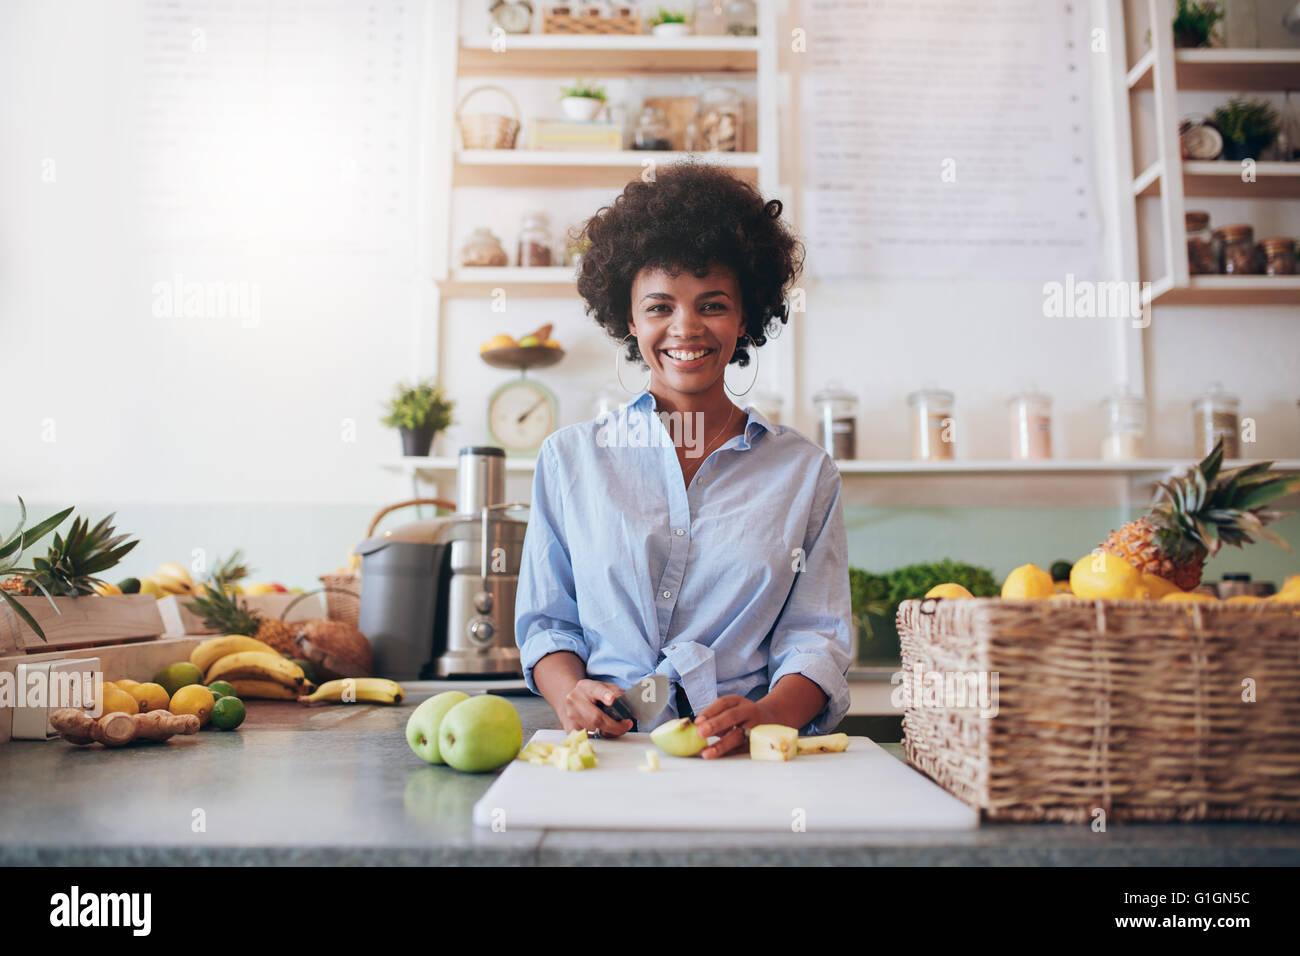 Ritratto di giovane e bella donna africana in piedi dietro il bancone bar e trinciatura di frutta fresca. La donna Immagini Stock